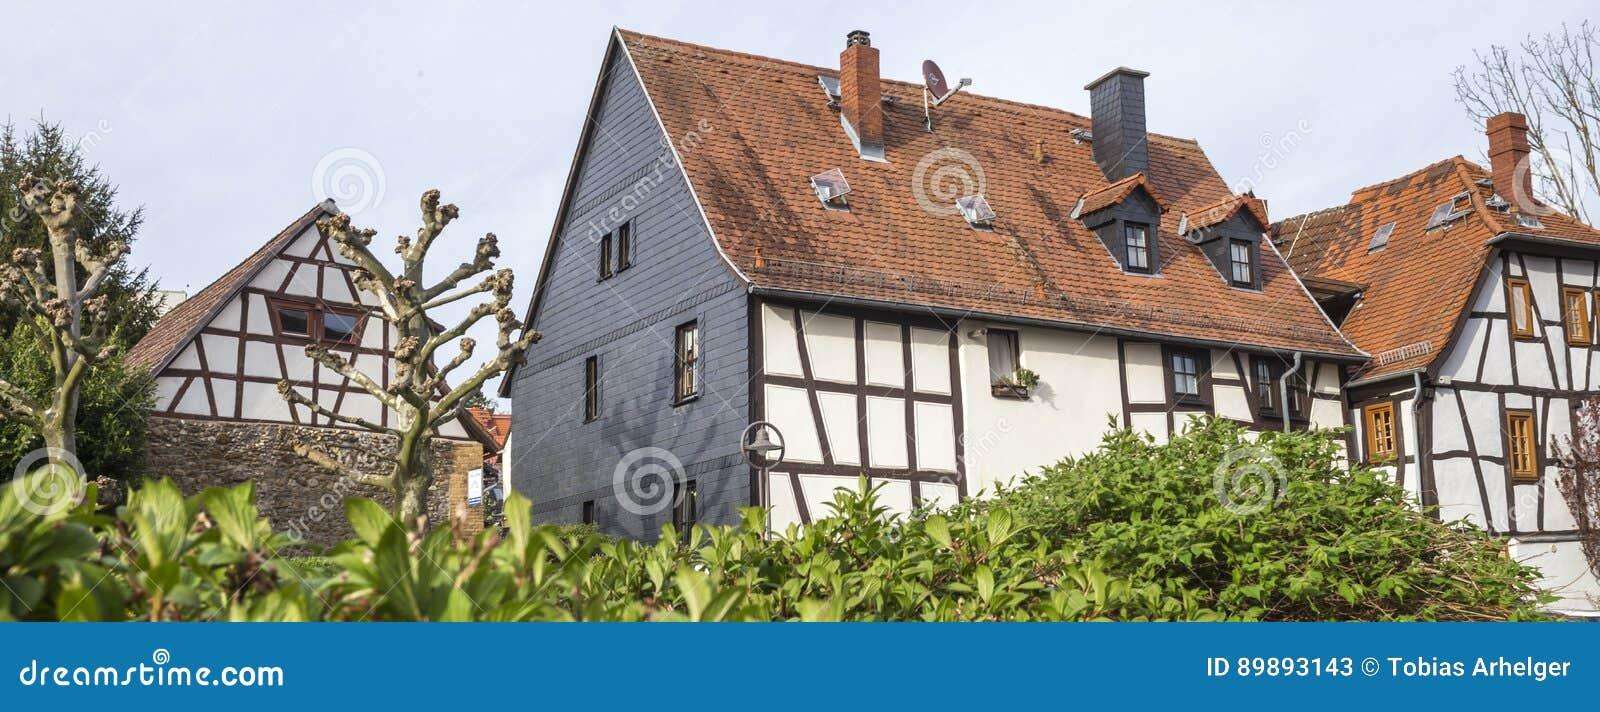 Vila Alemanha do taunus do am do hofheim